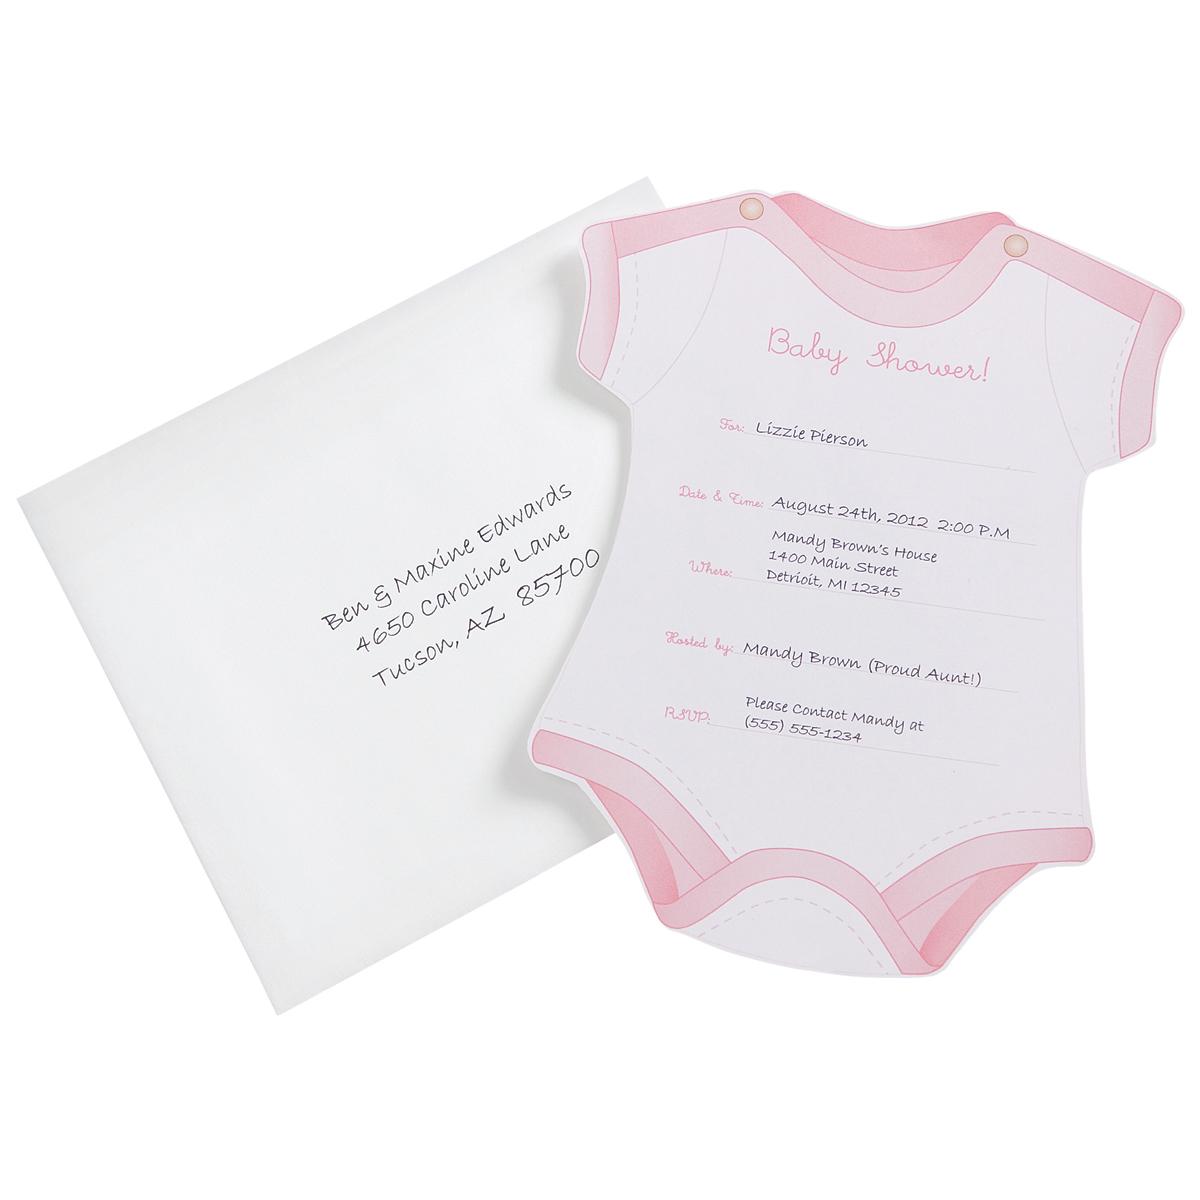 Invitations & Envelopes 12/Pkg-Girl Baby Shower | JOANN